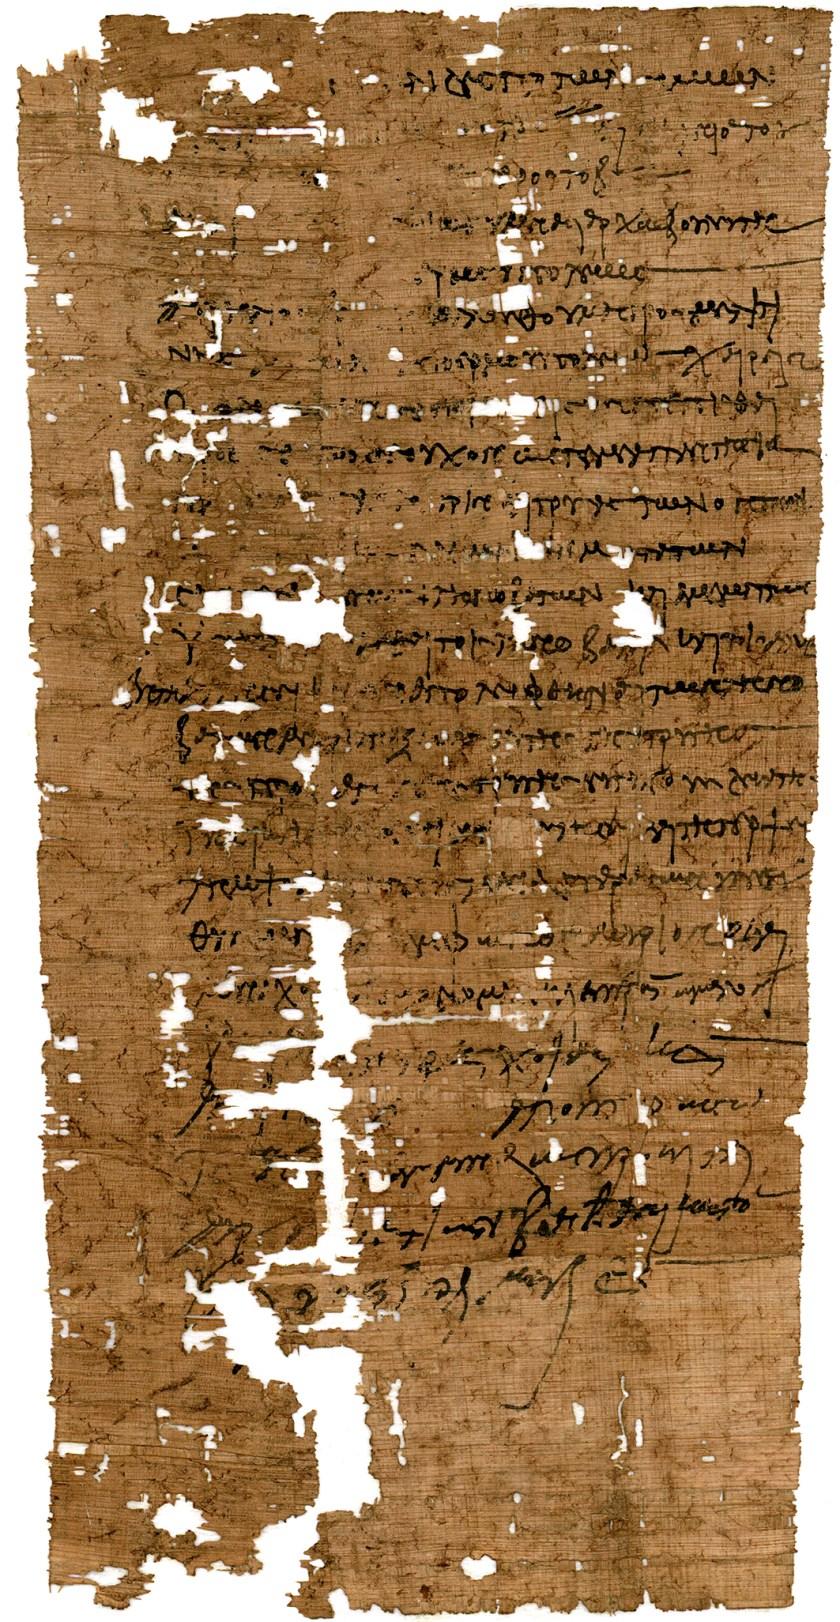 Arbeitsvertrag mit einem Flötenspieler zur Unterhaltung bei der Weinlese; Papyrus Griechisch Hermupolis, 20. Dez. 321 n. Chr. – © Österreichische Nationalbibliothek